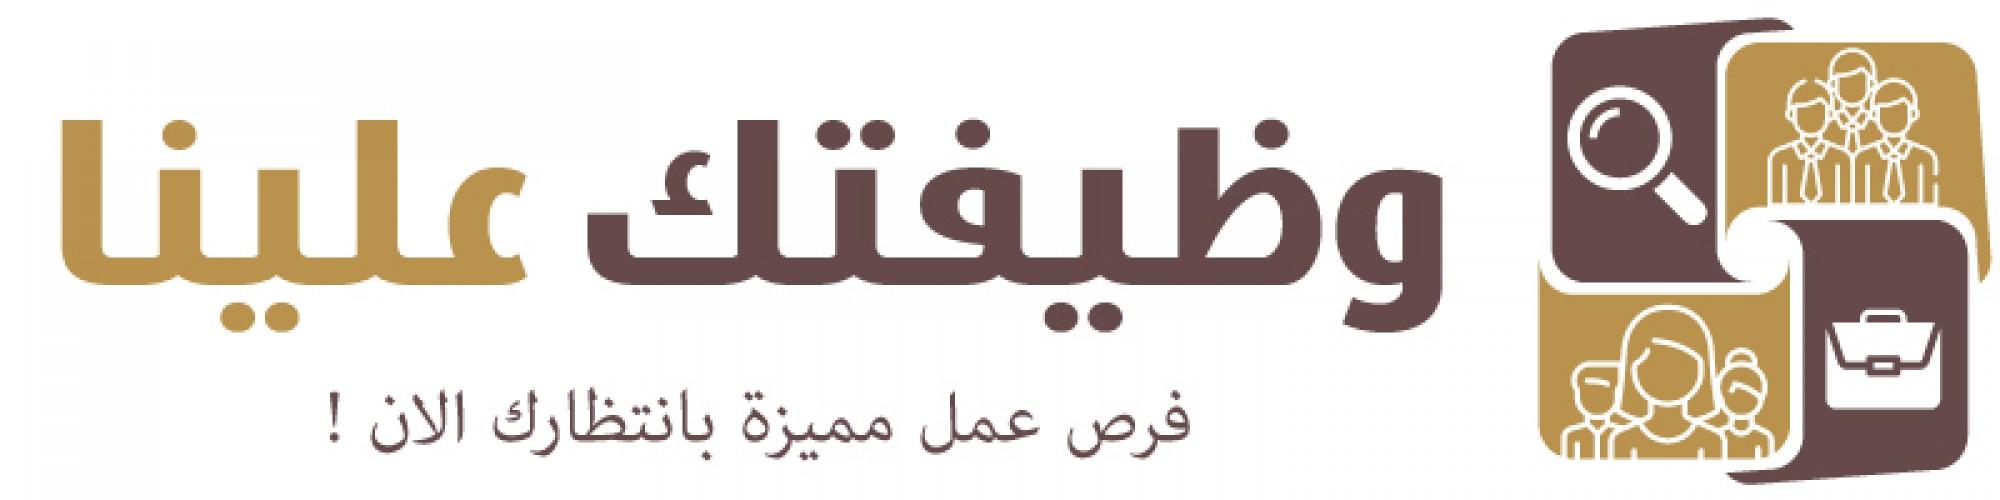 4الاف ايميل شركة سعودية وبيانات التواصل بكاامل التفاصيل